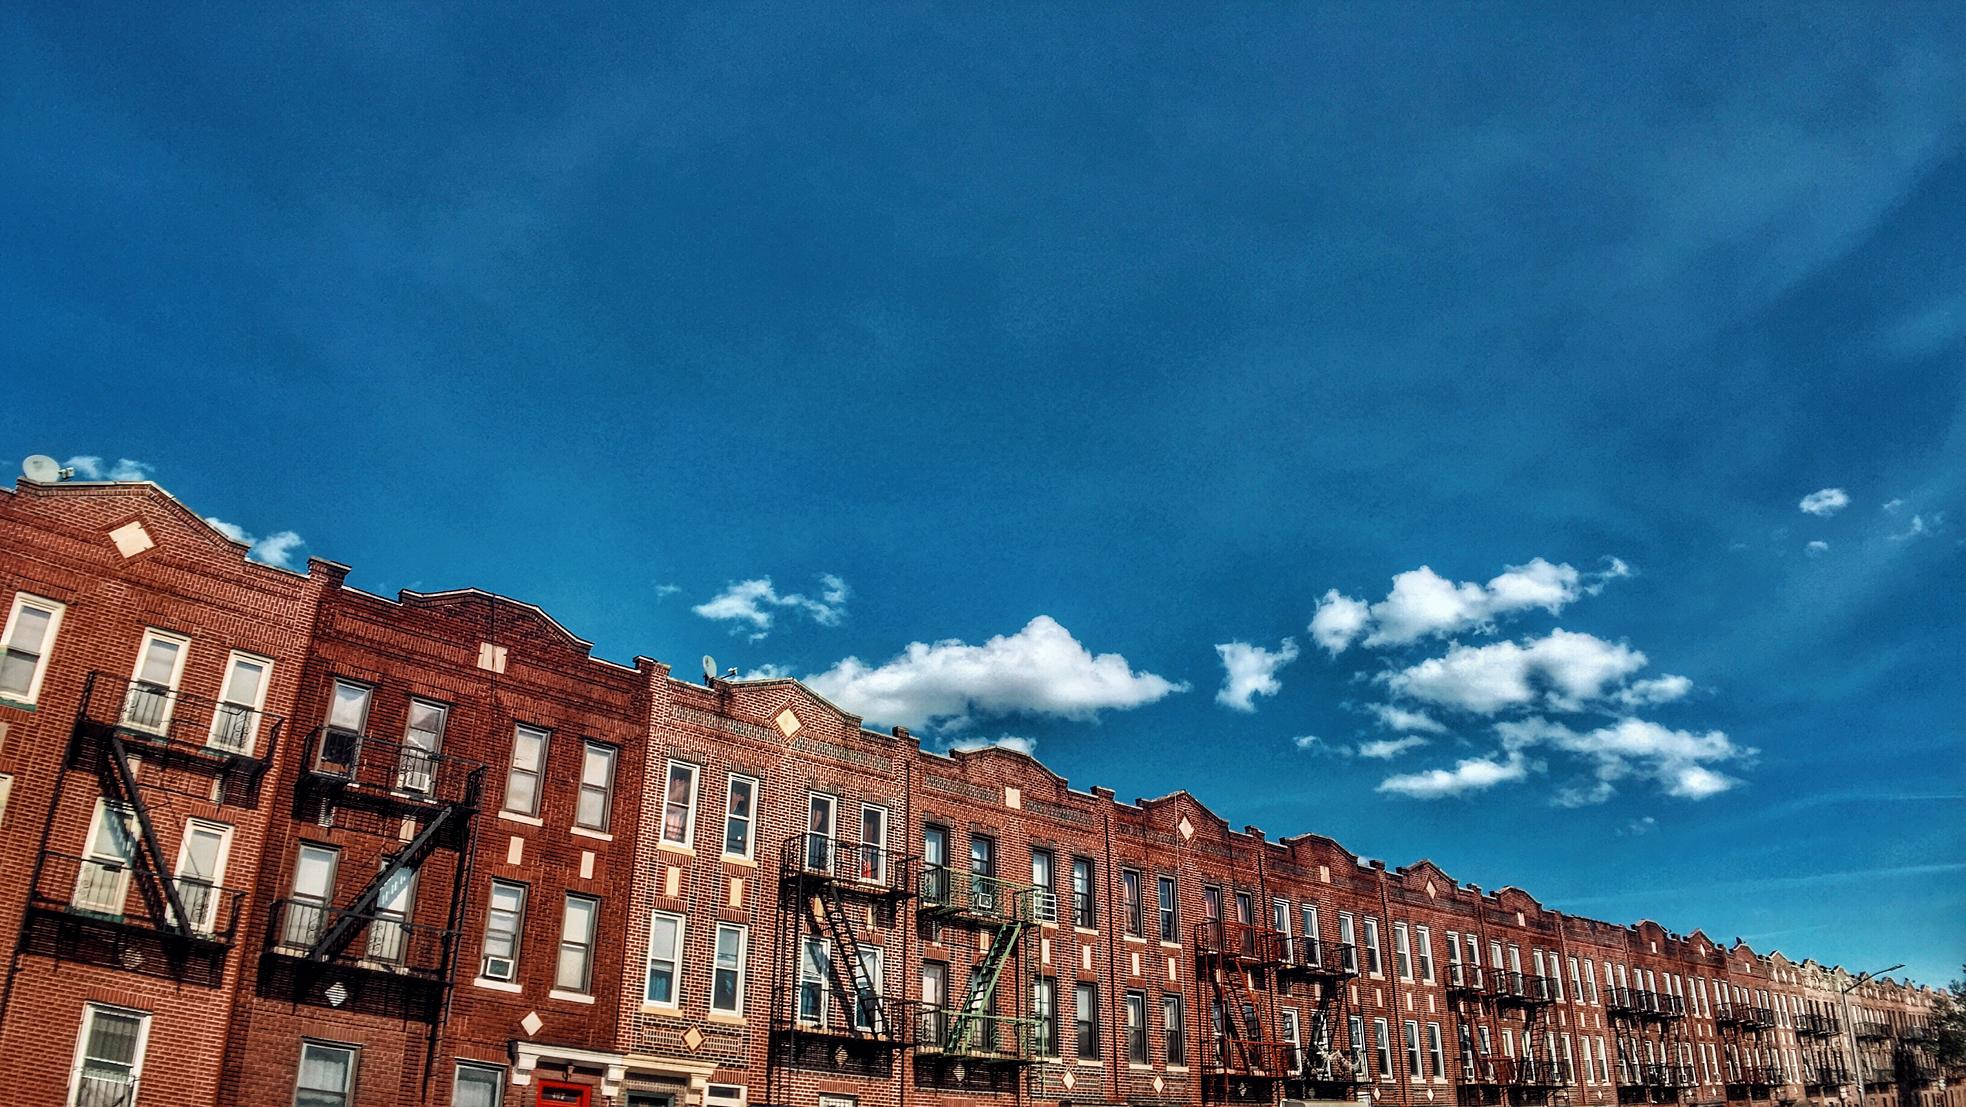 Kensington, Brooklyn